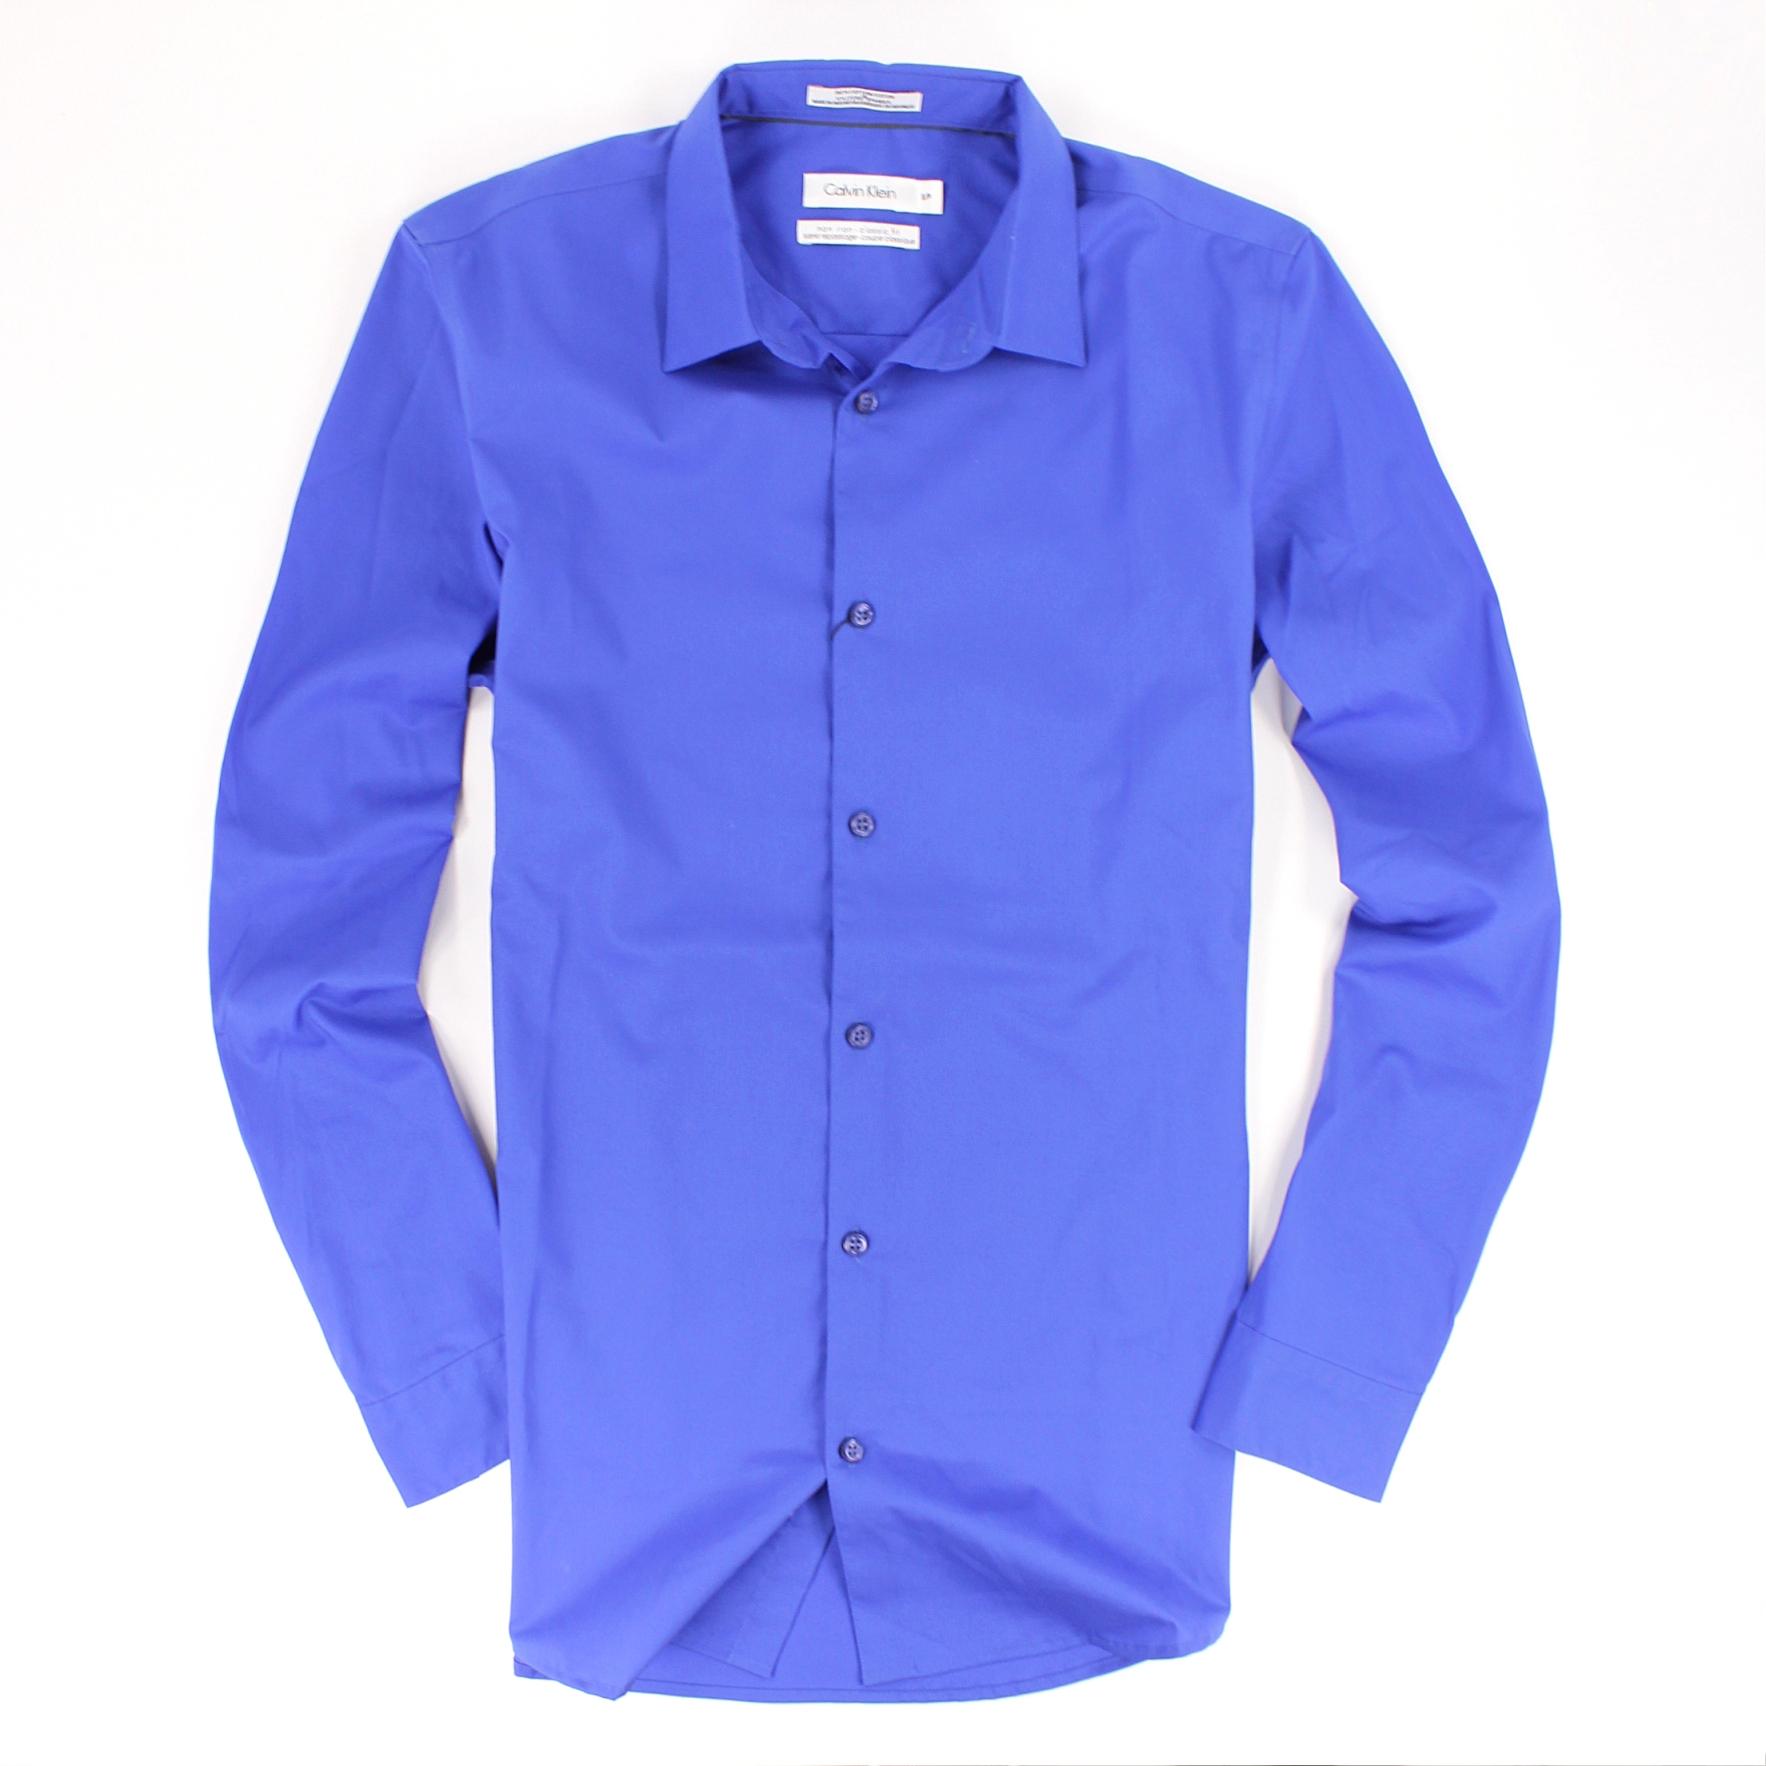 美國百分百【全新真品】Calvin Klein 襯衫 CK 上衣 長袖 寶藍 素面 上班 休閒 萊卡 經典 男 S M號